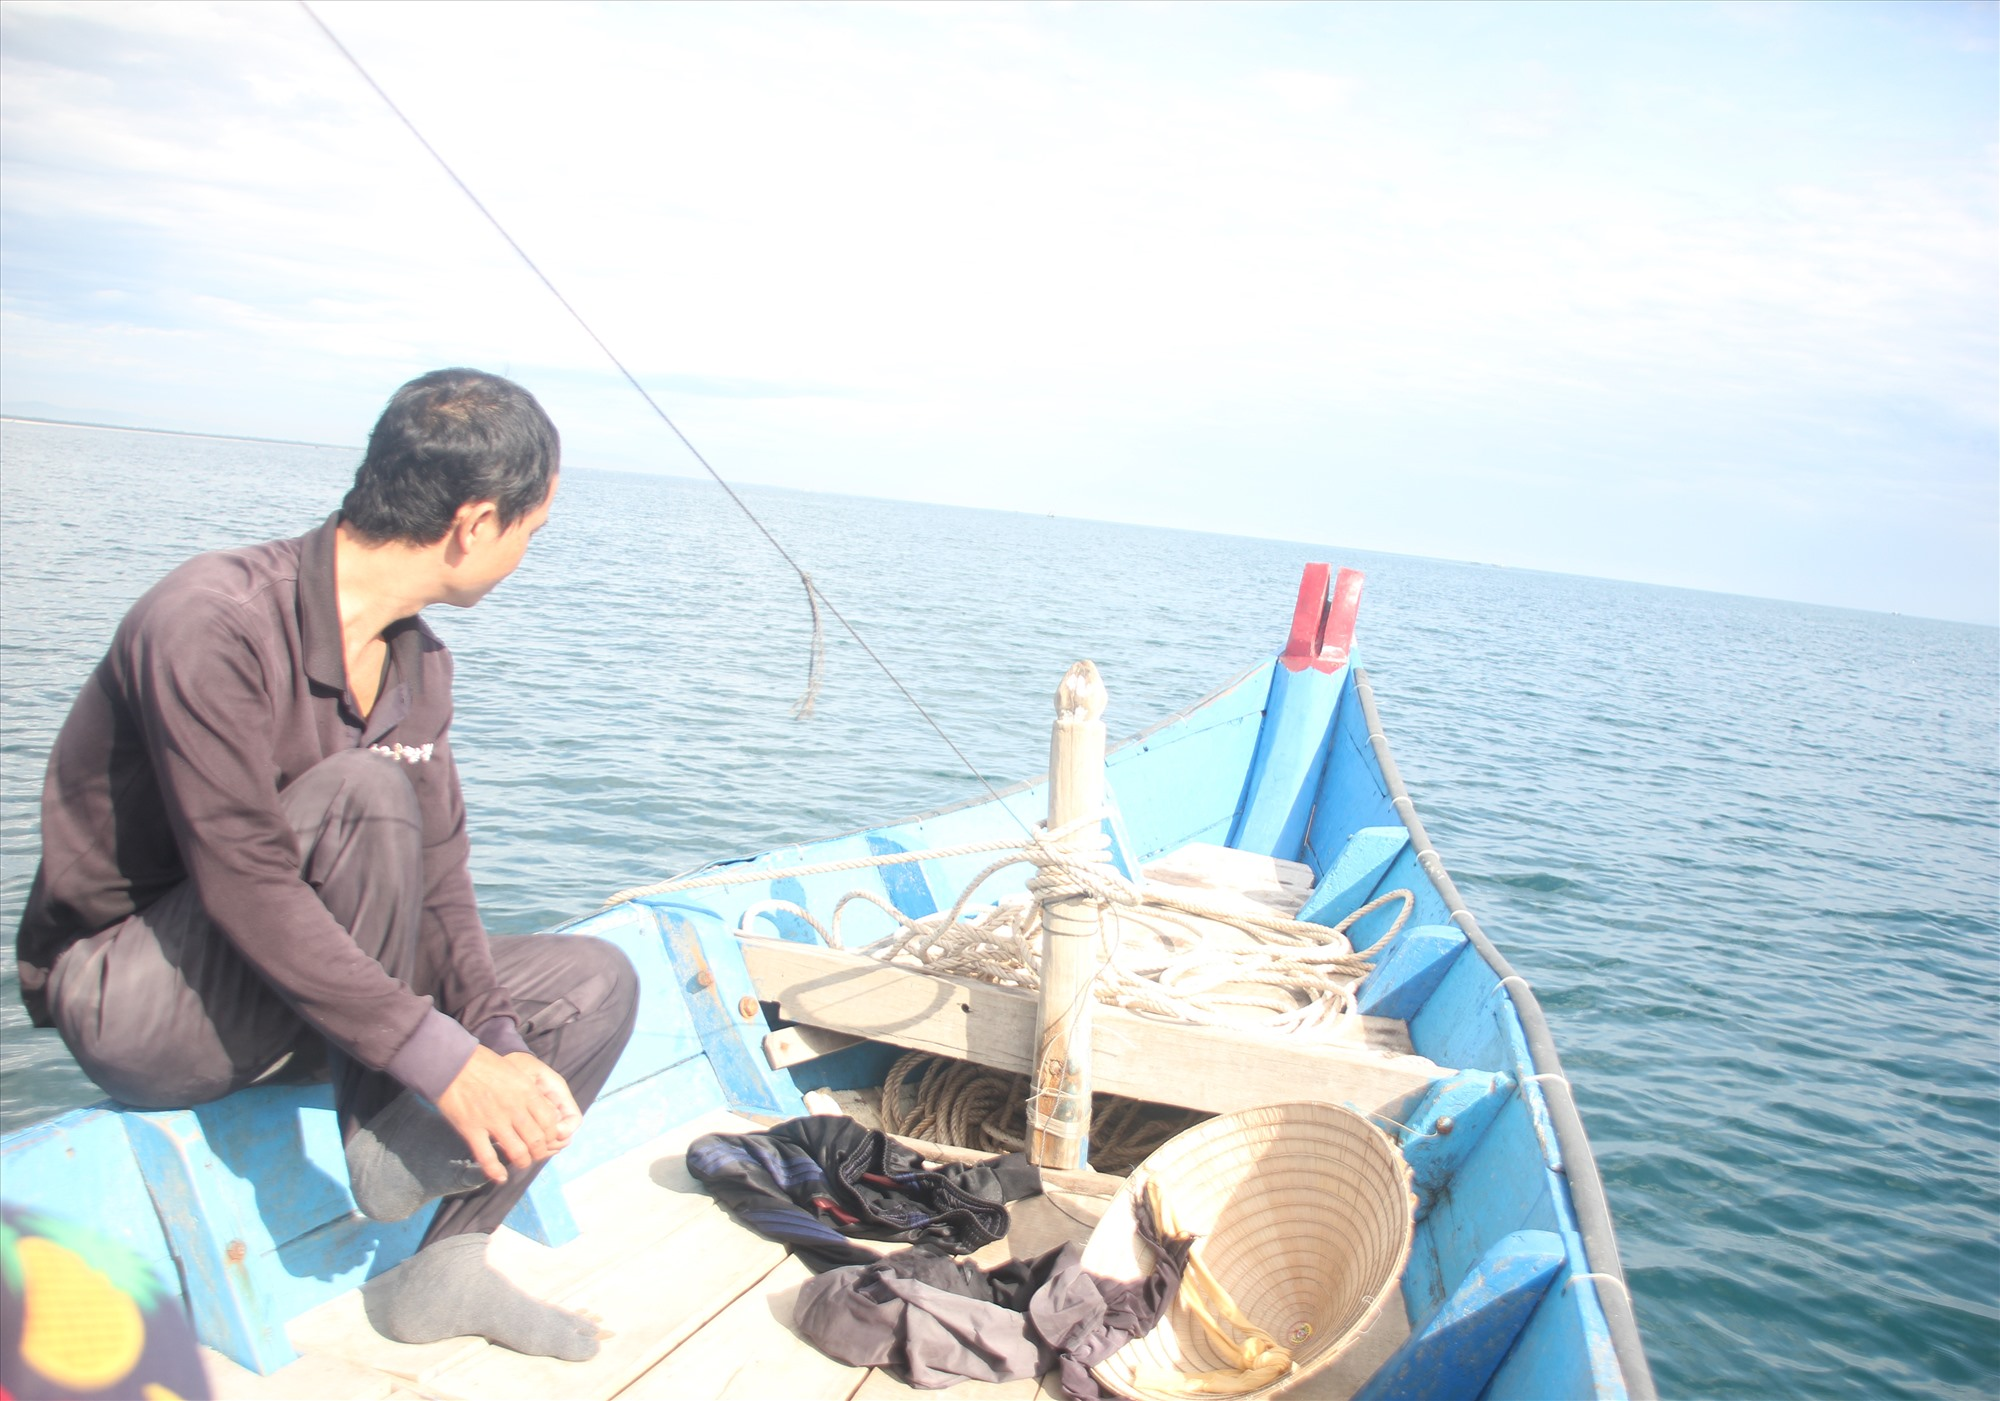 Ngư dân khai thác thủy hải sản gần bờ thường sử dụng các loại túi nhựa đựng thức ăn trong ngày, rác thải bị vứt xuống biển. Ảnh: H.Q